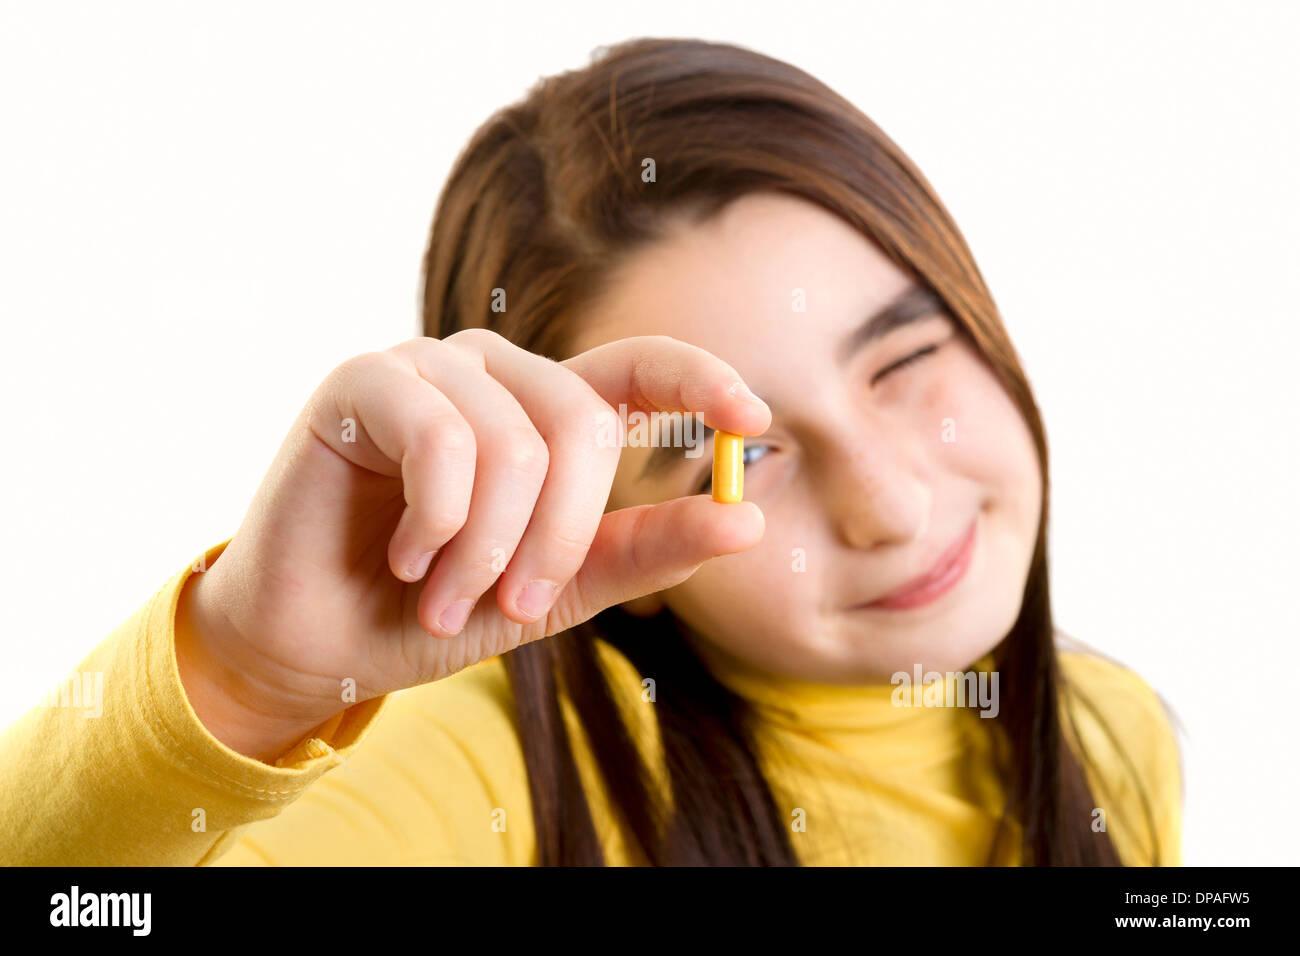 junges Mädchen halten und analizing Kapsel Stockbild